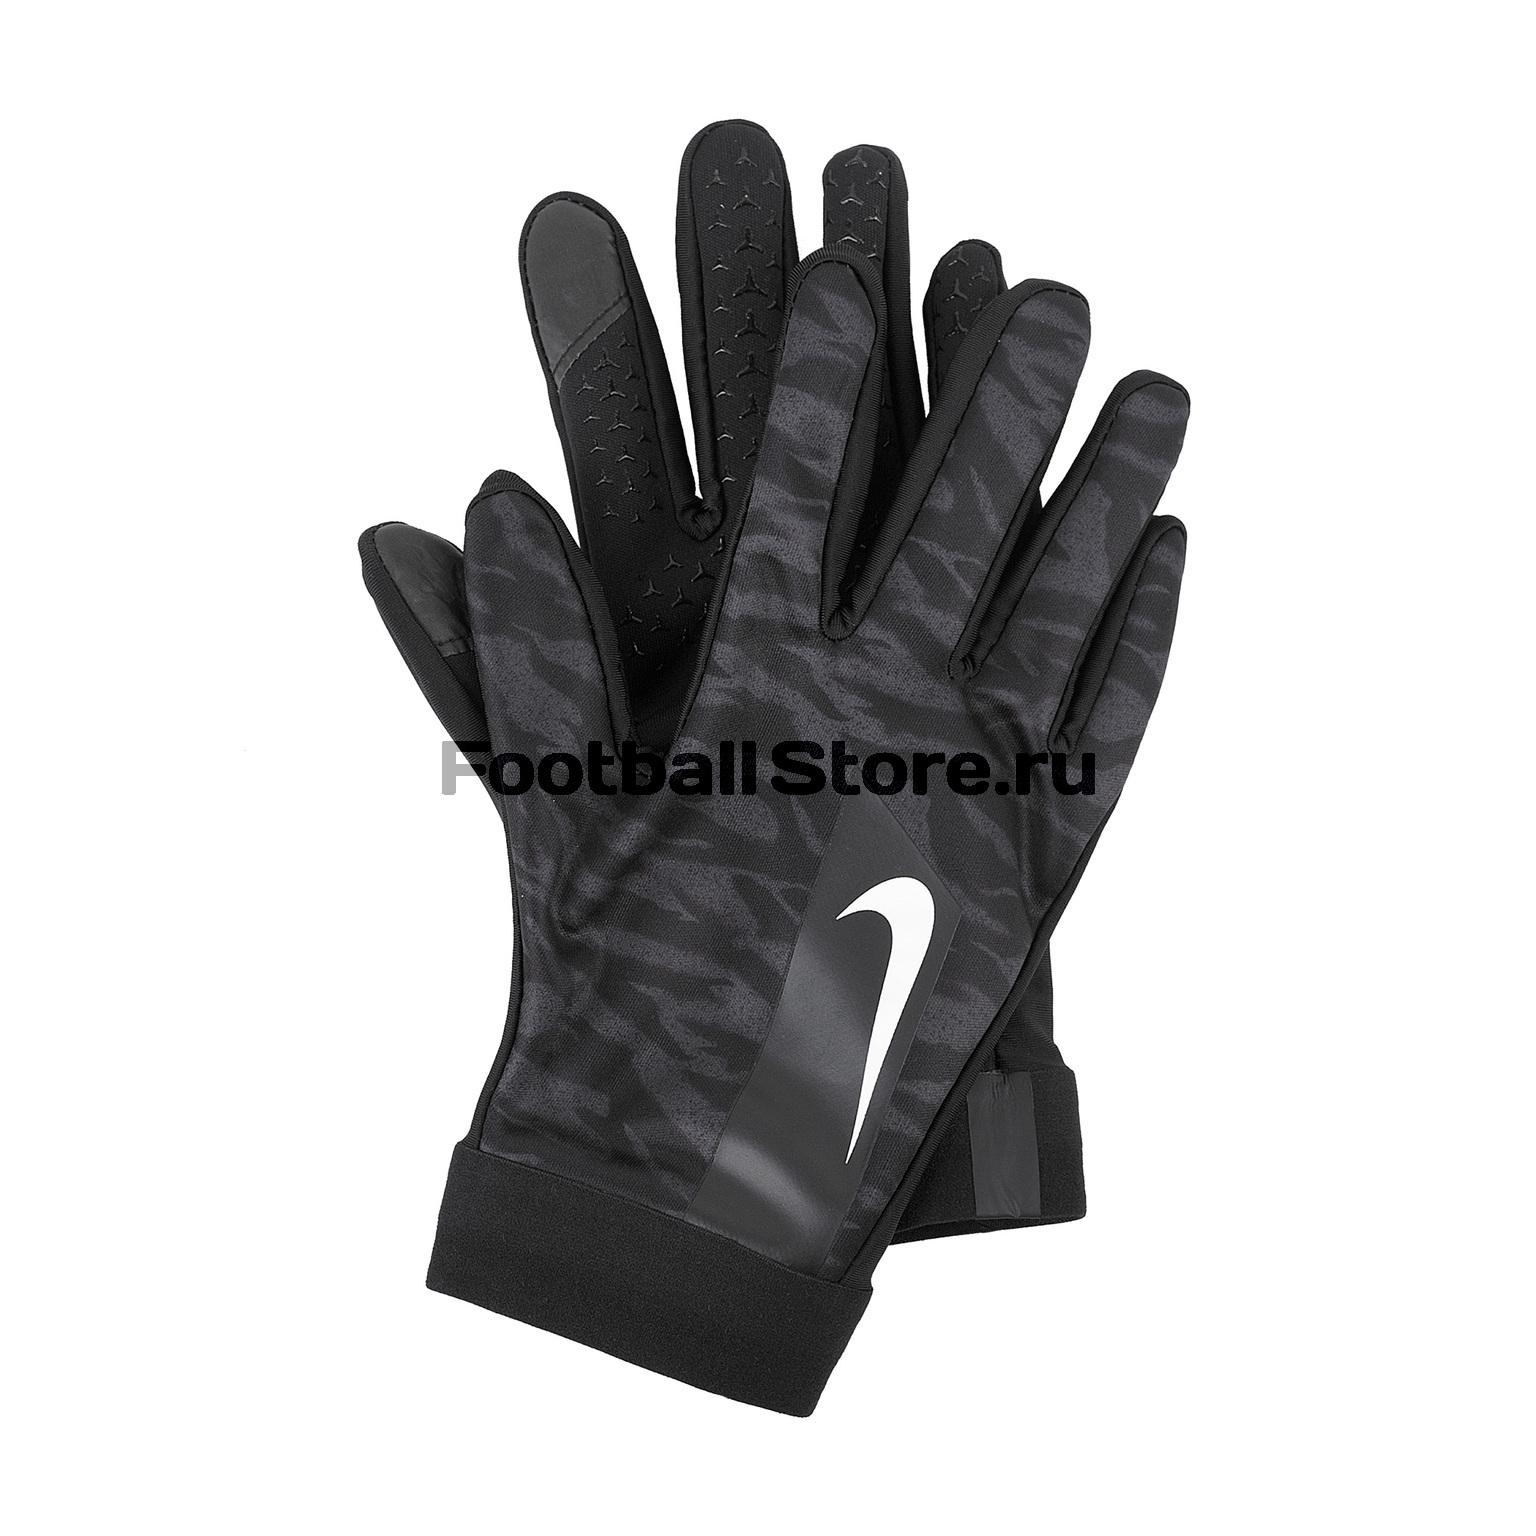 Перчатки тренировочные Nike Hyperwarm GS3900-010 цена